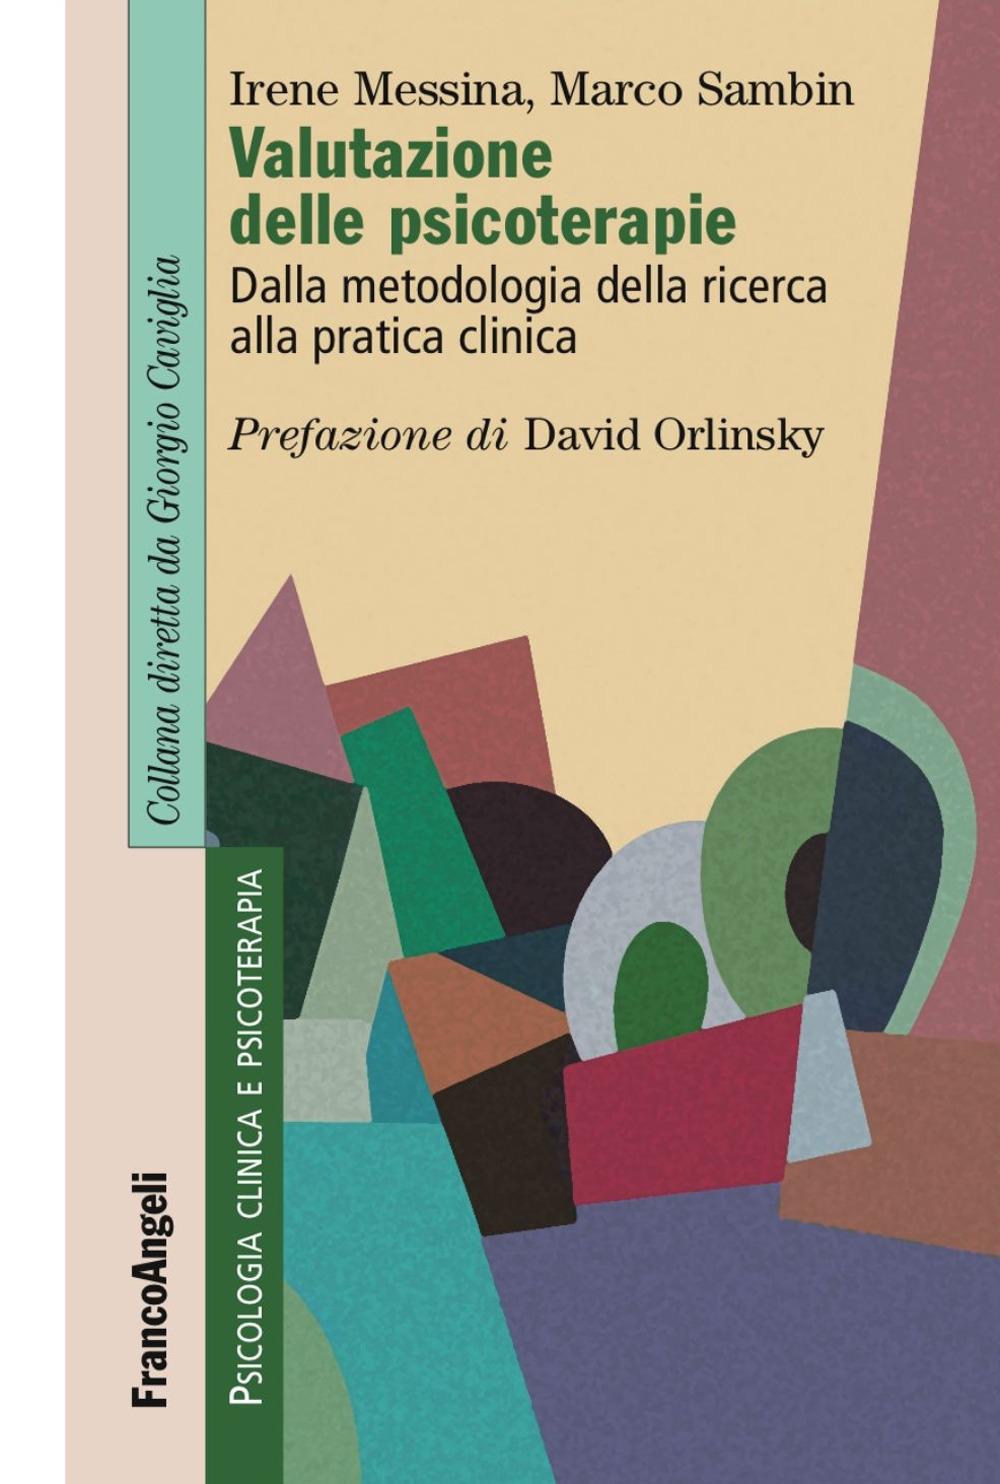 Valutazione delle psicoterapie. Dalla metodologia della ricerca alla pratica clinica